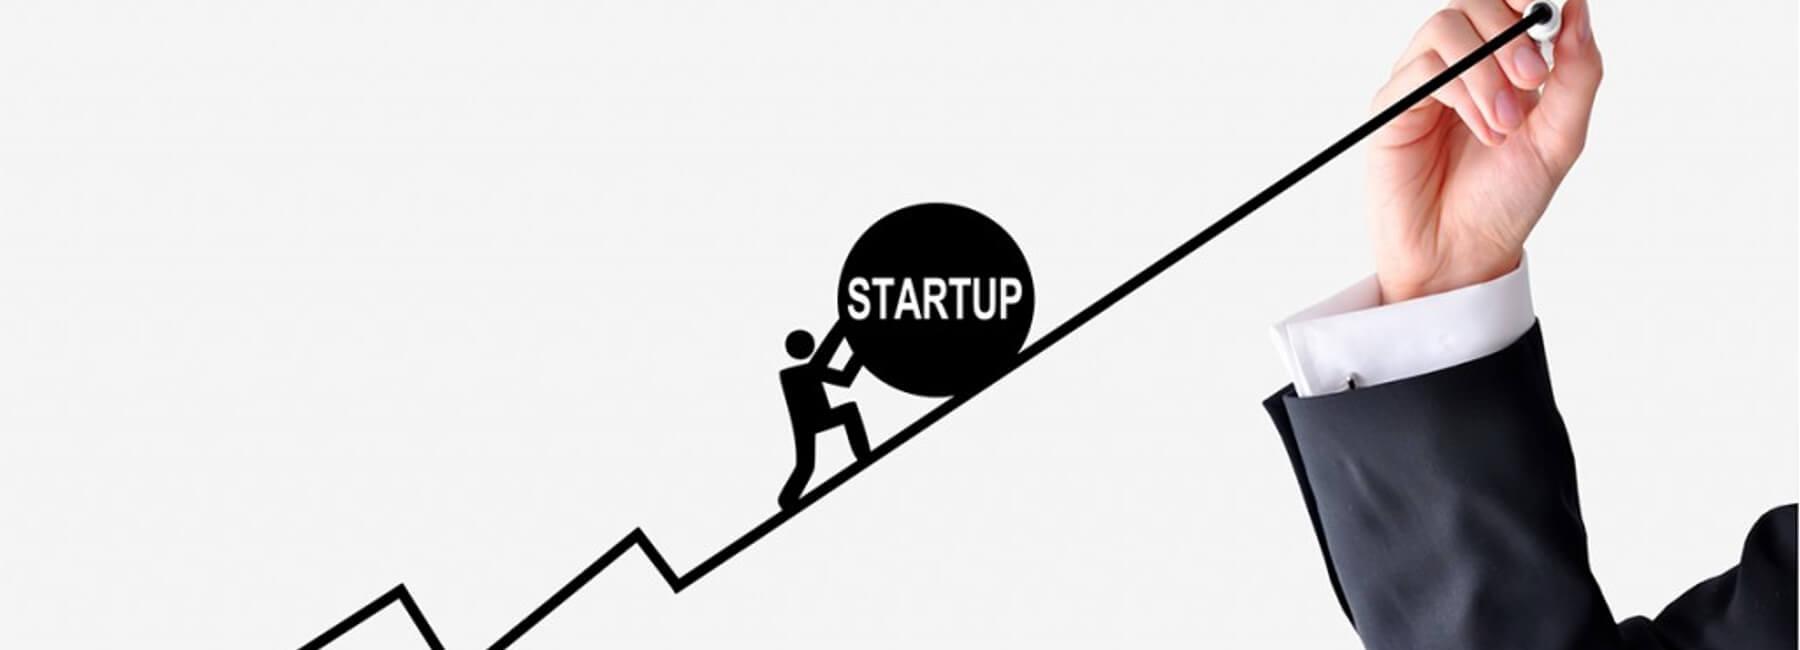 9 вещей, которые следует знать тем, кто собирается инвестировать в стартап